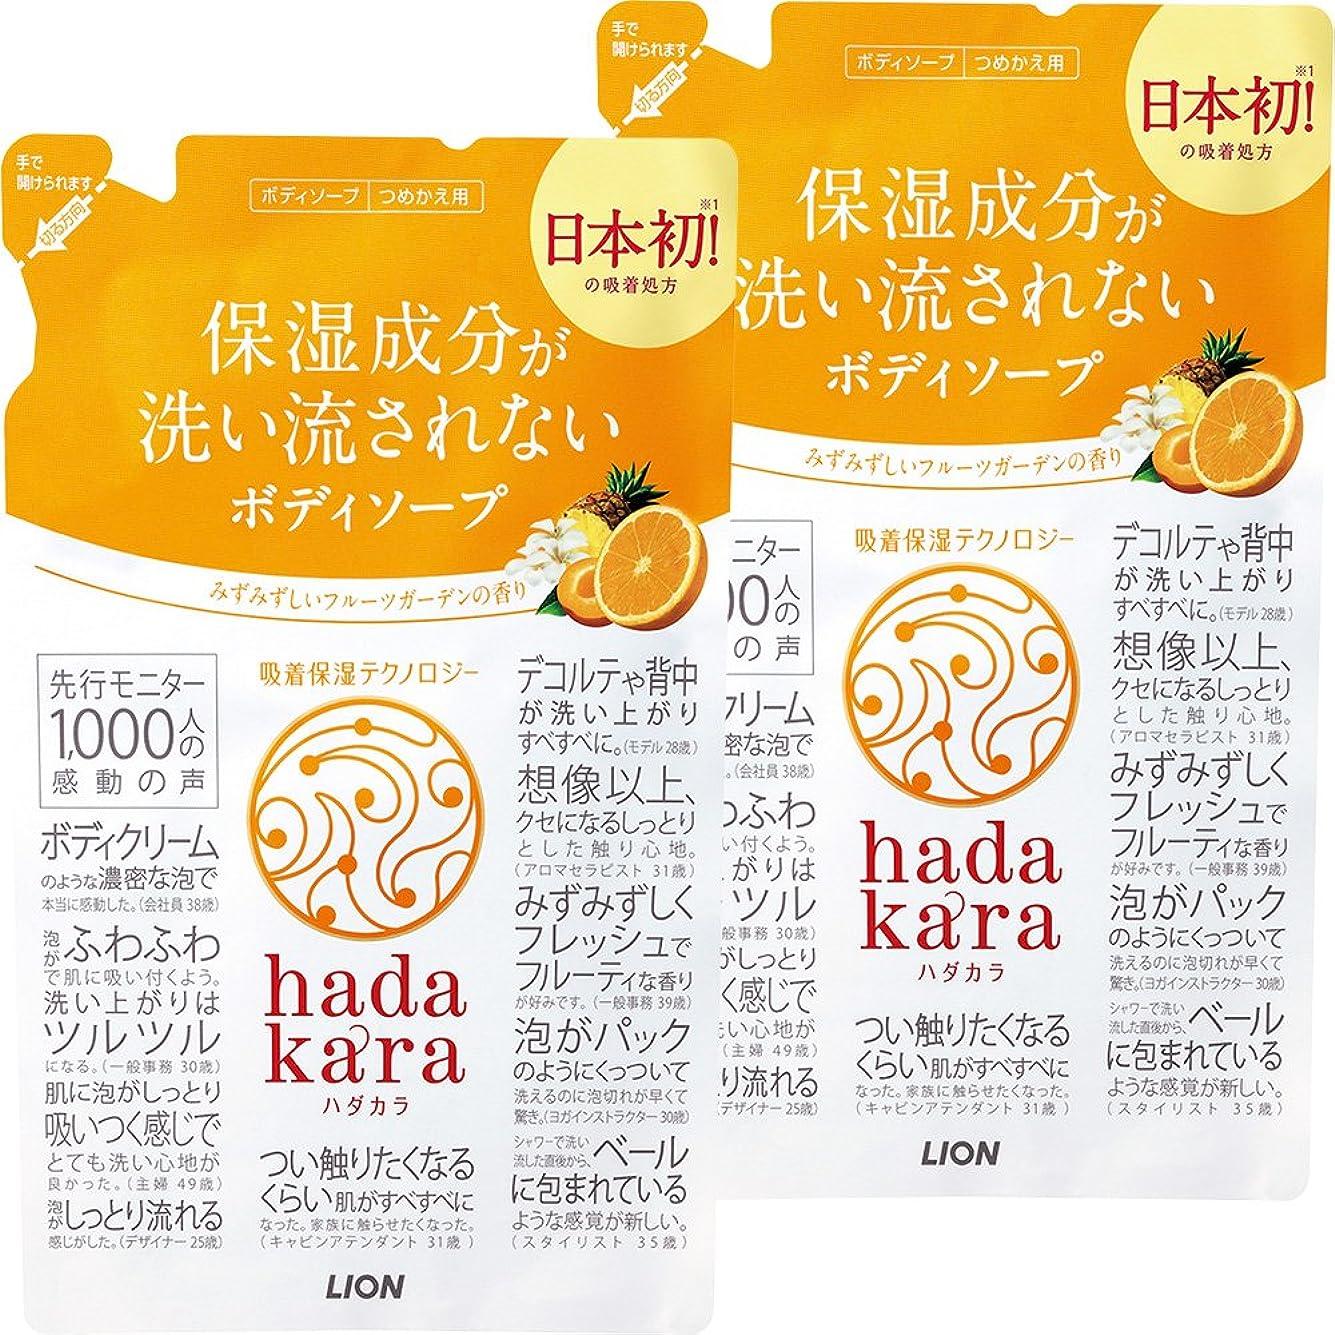 芽促すマオリ【まとめ買い】hadakara(ハダカラ) ボディソープ フルーツガーデンの香り 詰め替え 360ml×2個パック